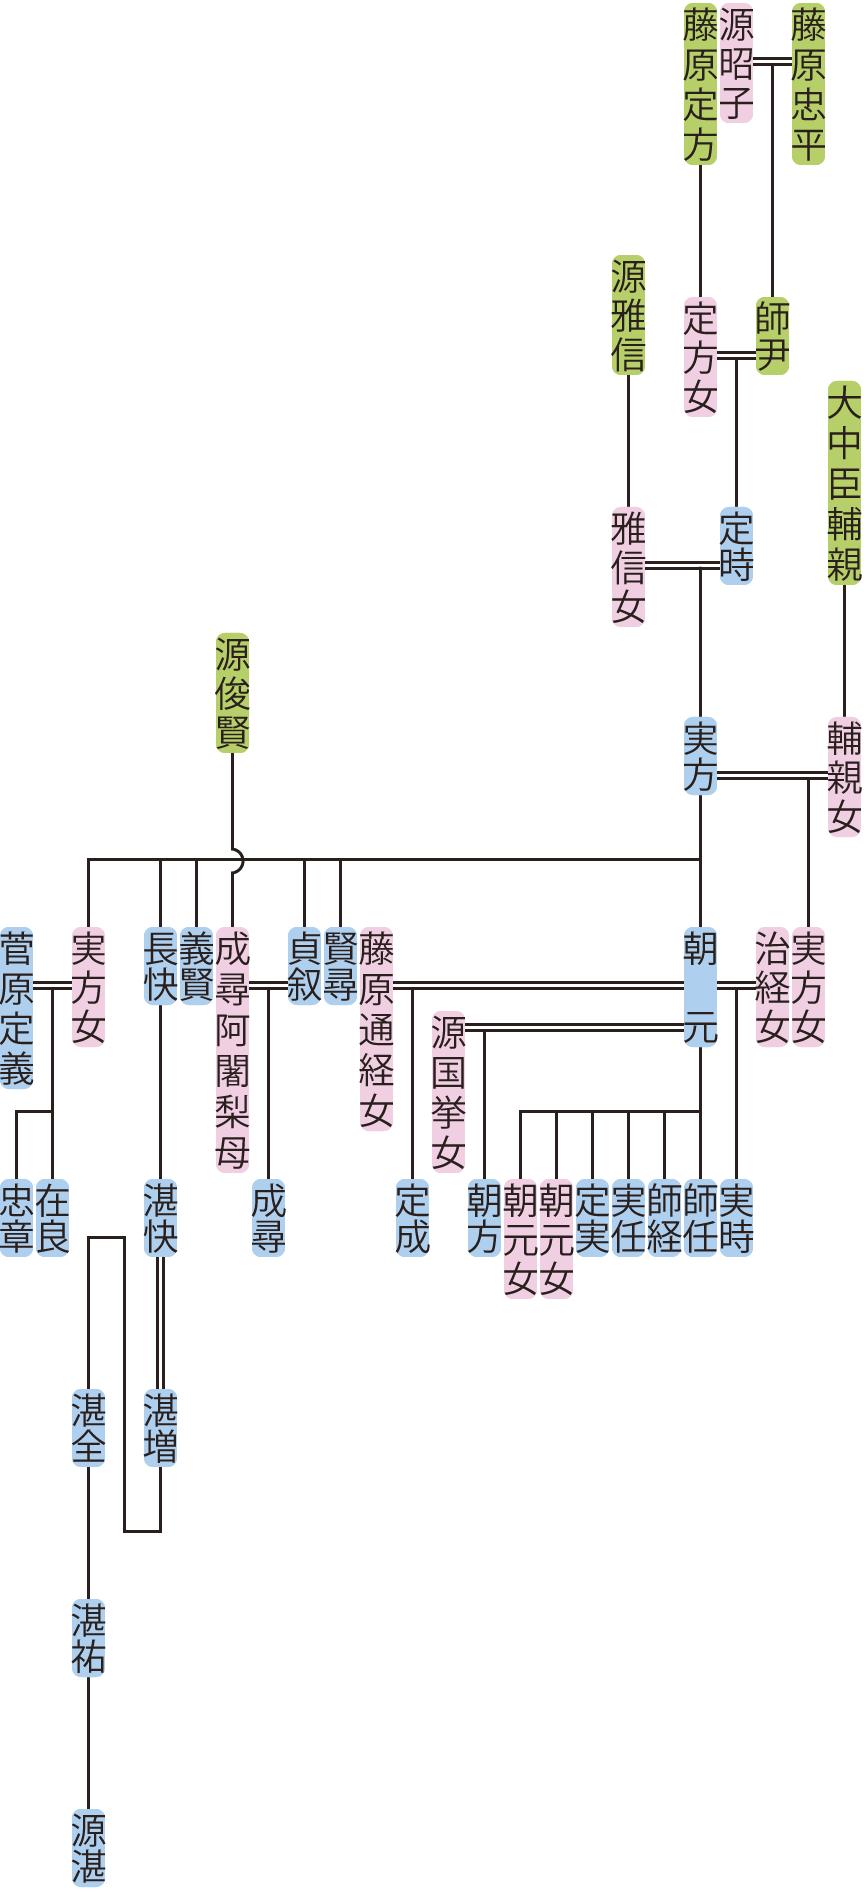 藤原定時・実方の系図